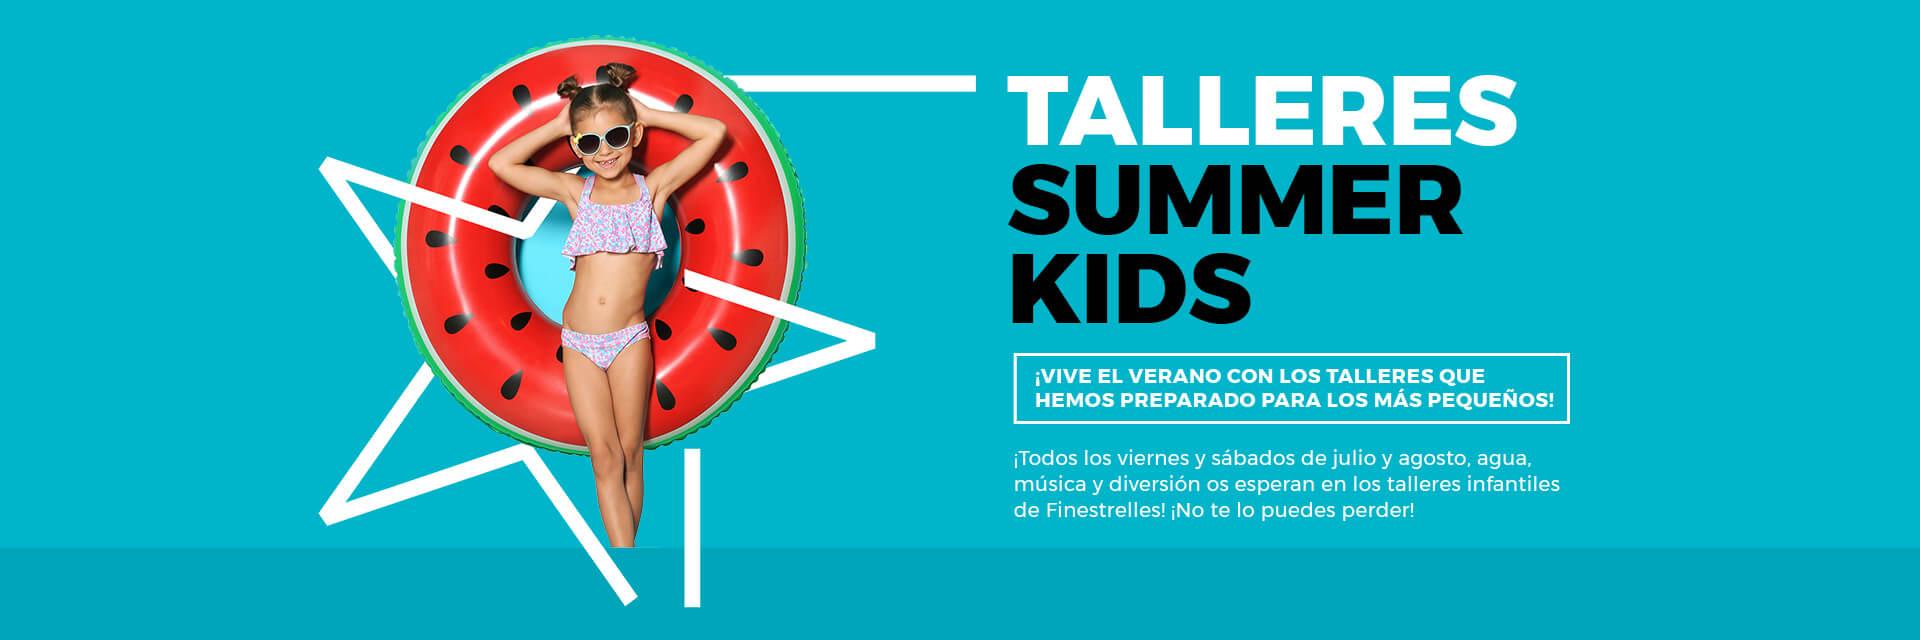 talleres_summer_kids_finestrelles_home